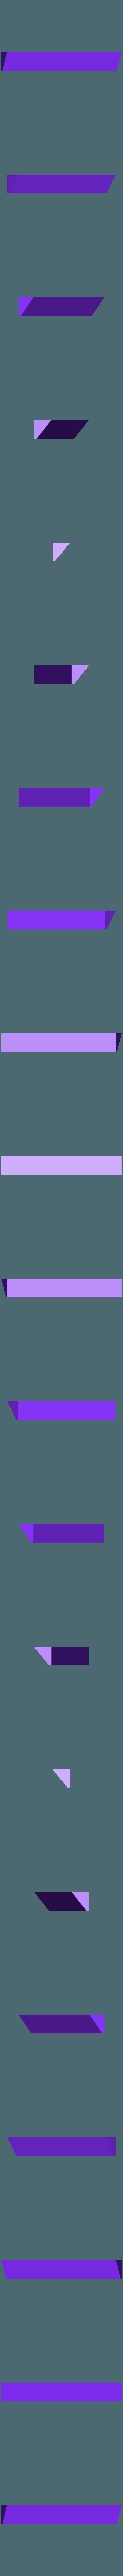 Part-Teil 08 Corner piece - Eckstueck.stl Download free STL file BBQ Fan Extension for Gearbox 256 / Grillgebläse Erweiterung für Getriebe 256 • 3D print design, CONSTRUCTeR